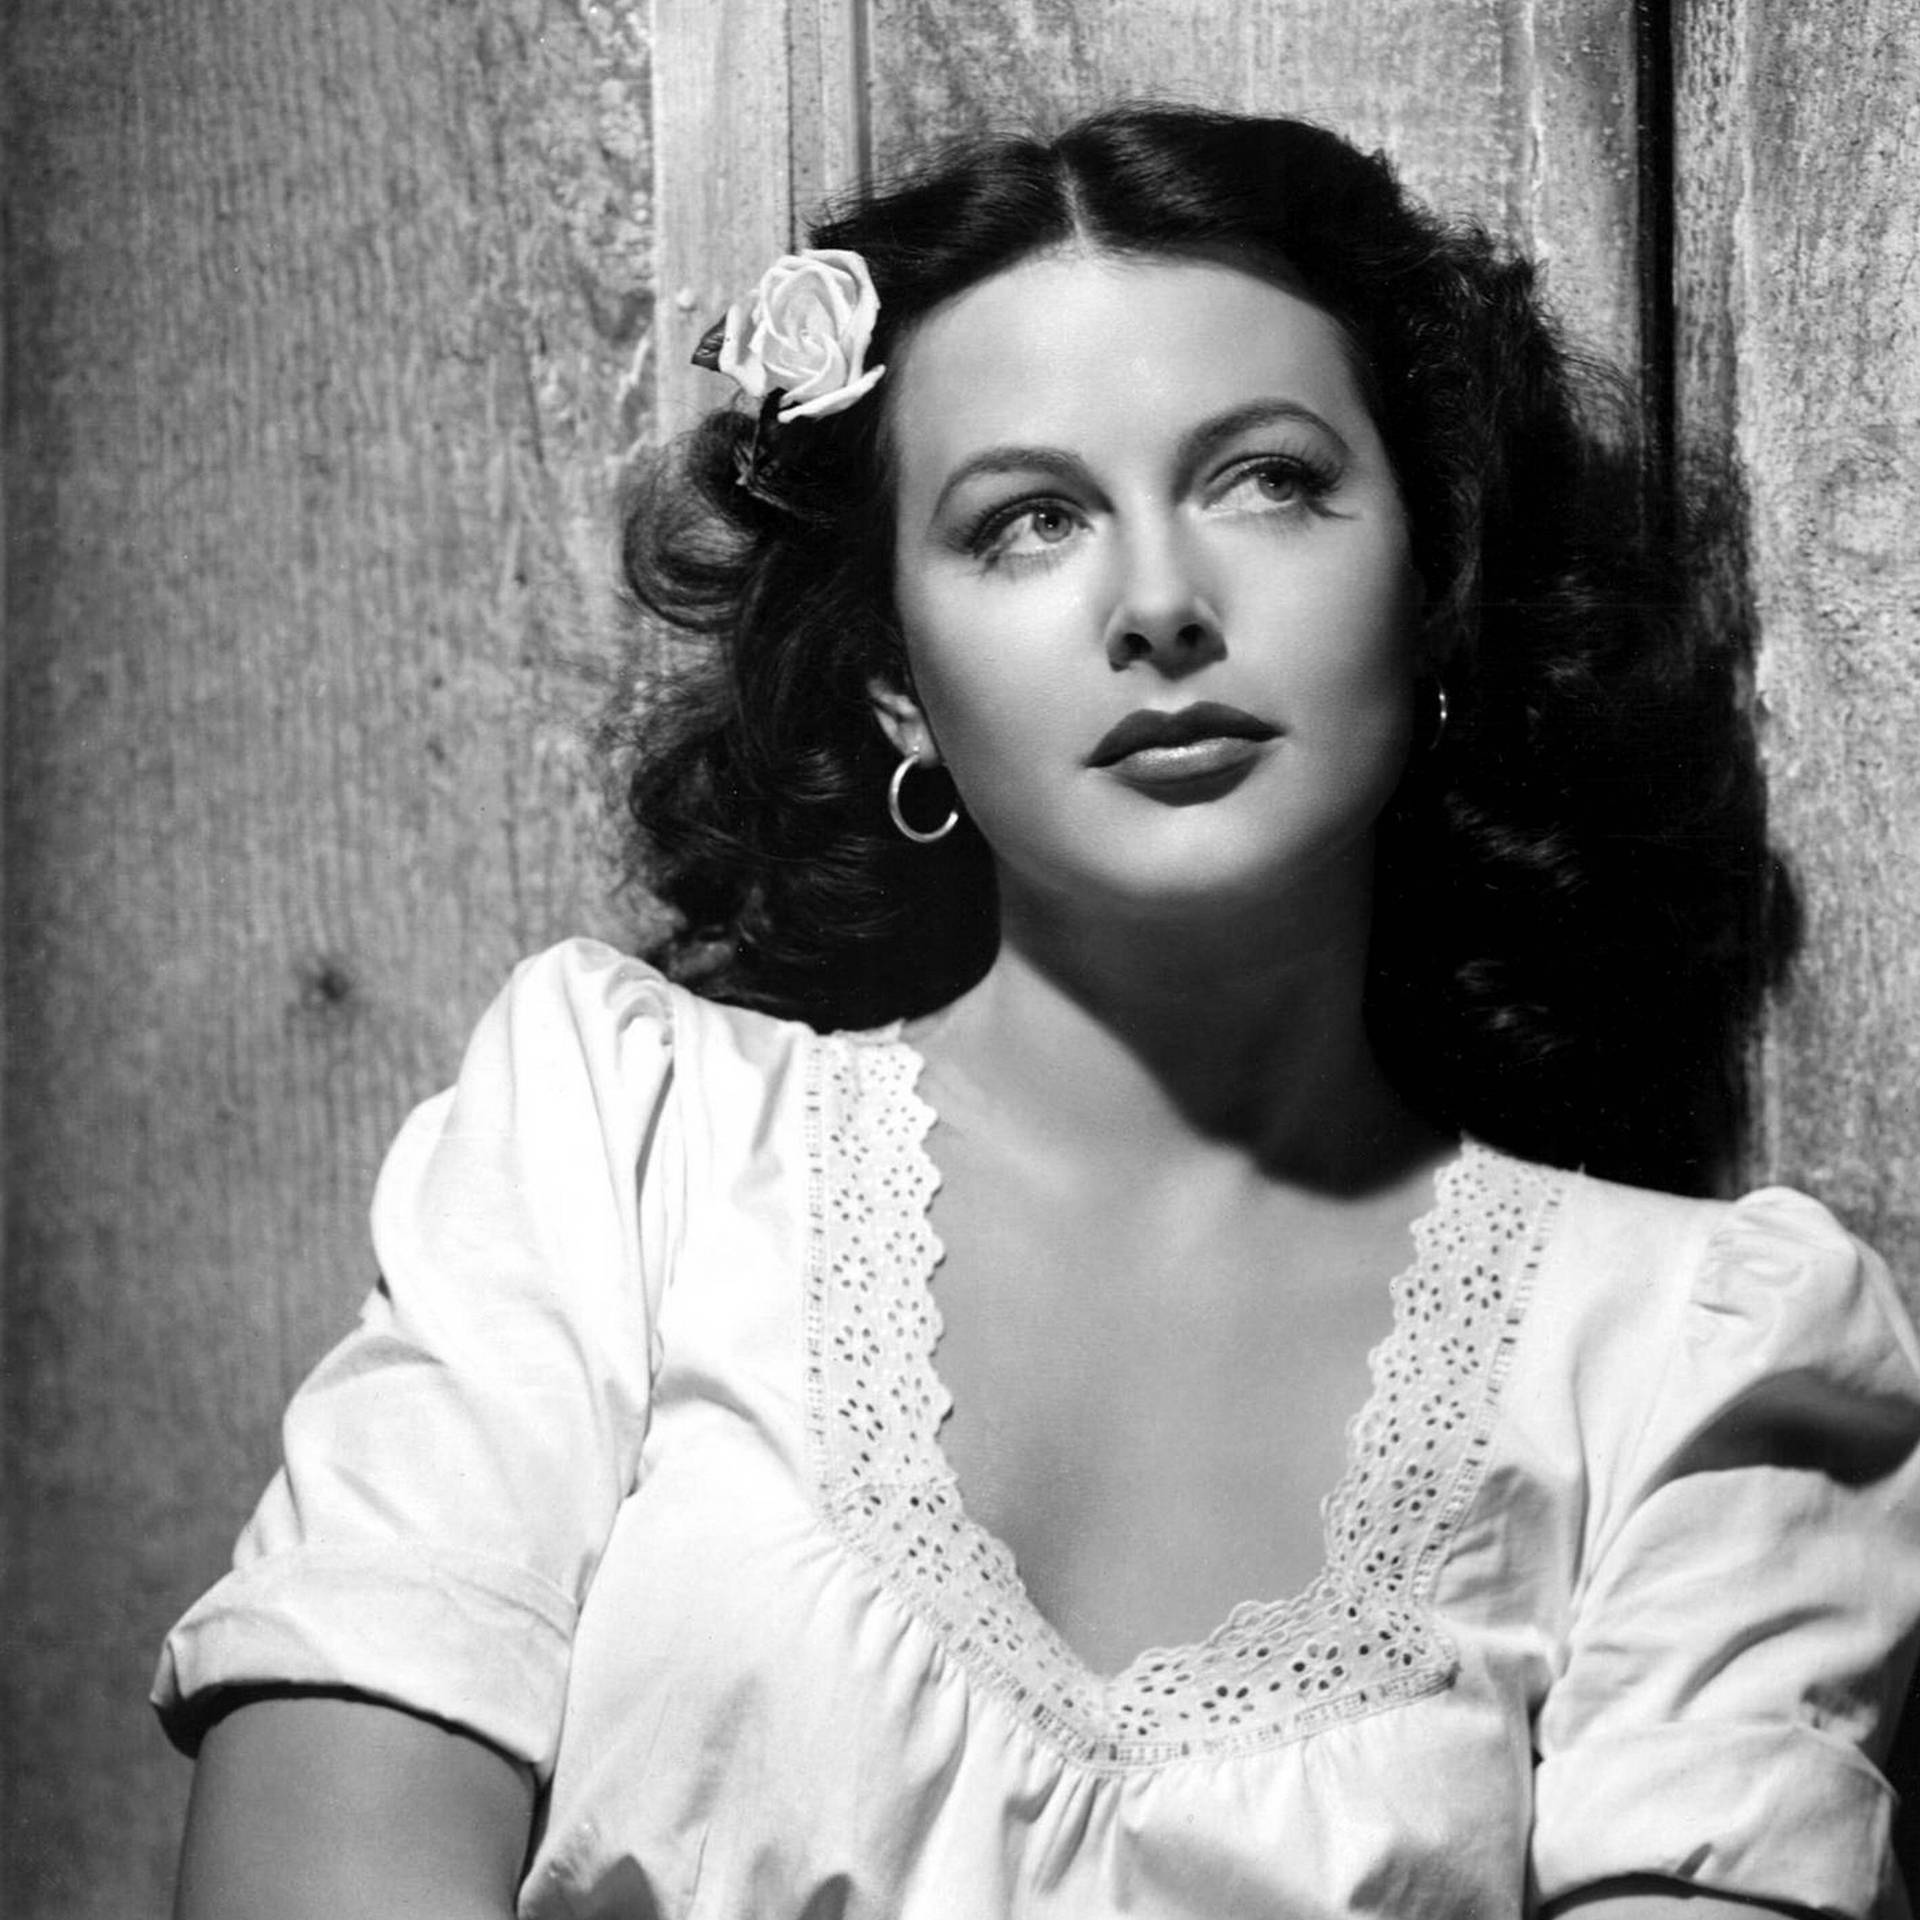 Hedy Lamarr – Erfinderin und Femme fatale